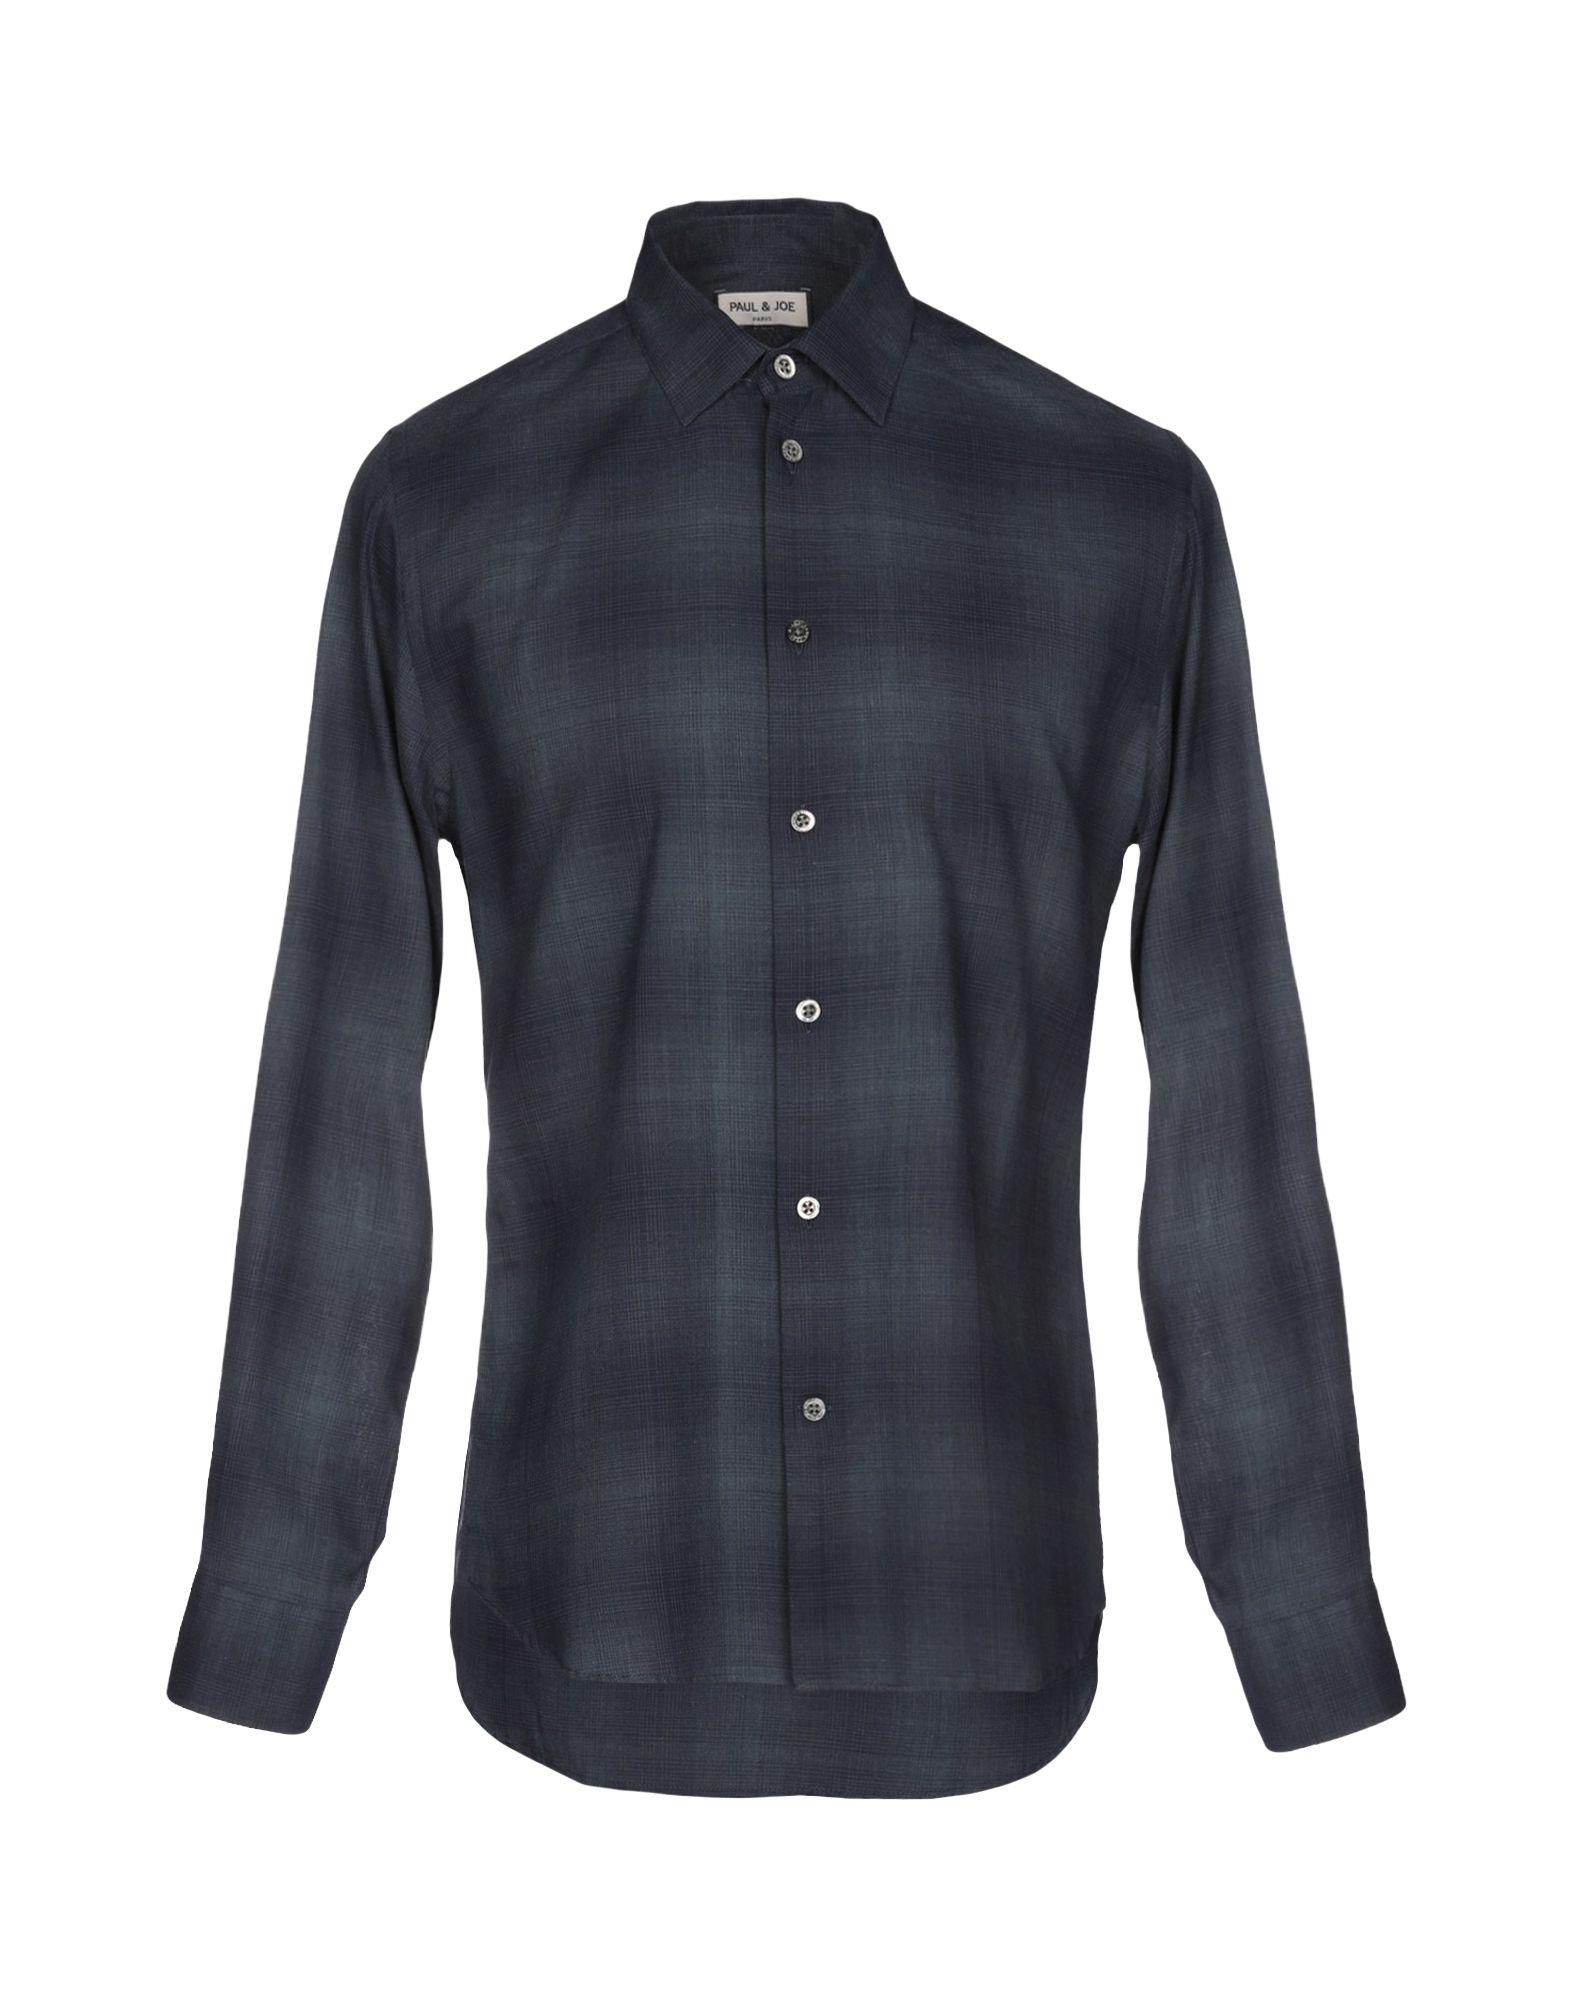 《送料無料》PAUL & JOE メンズ シャツ ダークブルー S コットン 100%